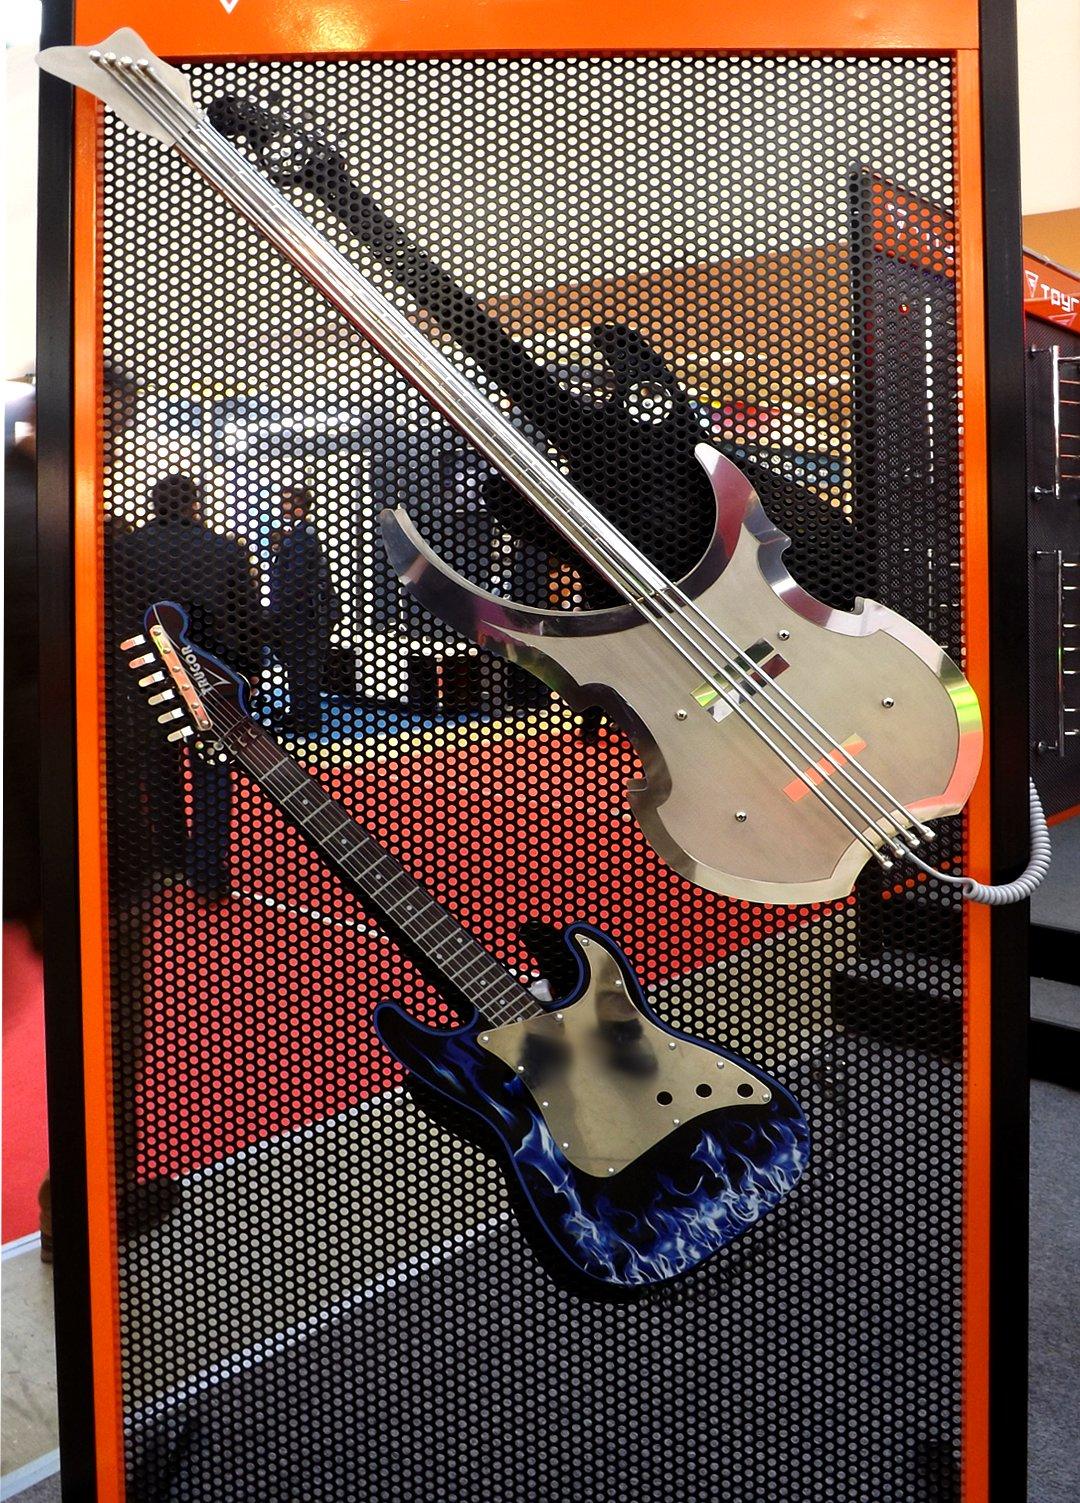 Электрические полотенцесушители в форме гитар, представленные на выставке MosBuild 2017 в Москве